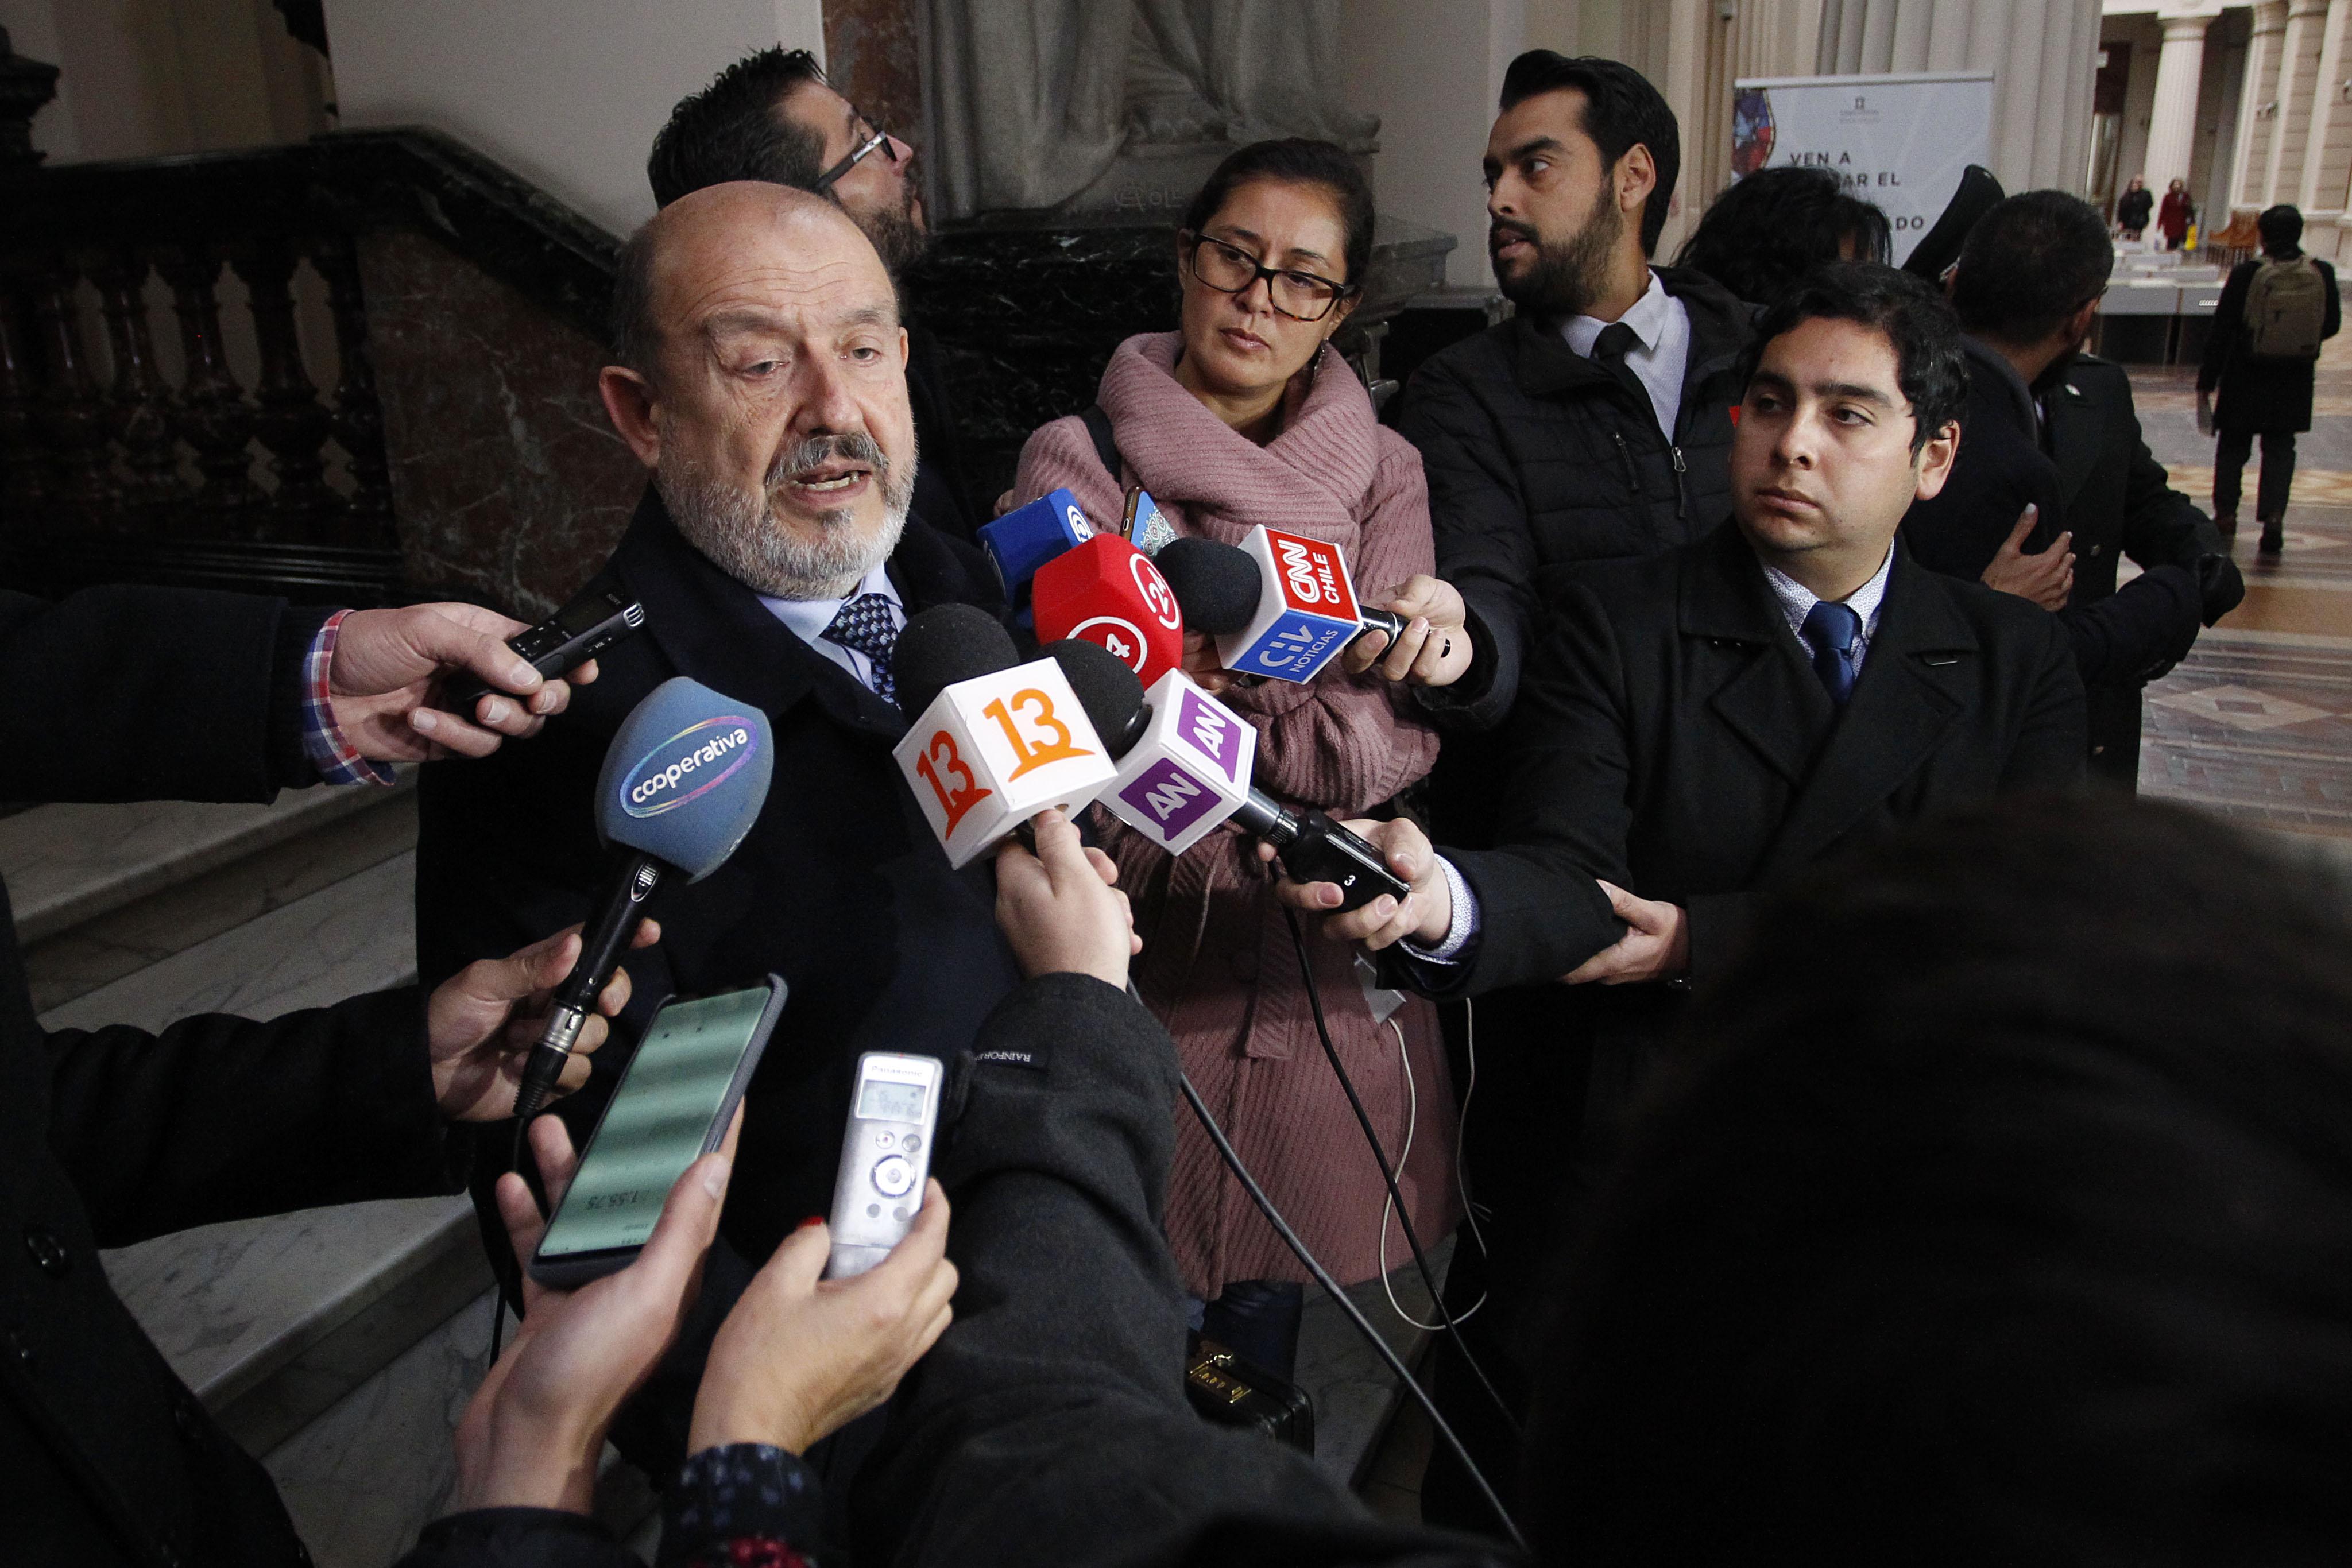 Caso Jueces: se postergan alegatos mientras Suprema resuelve recusación